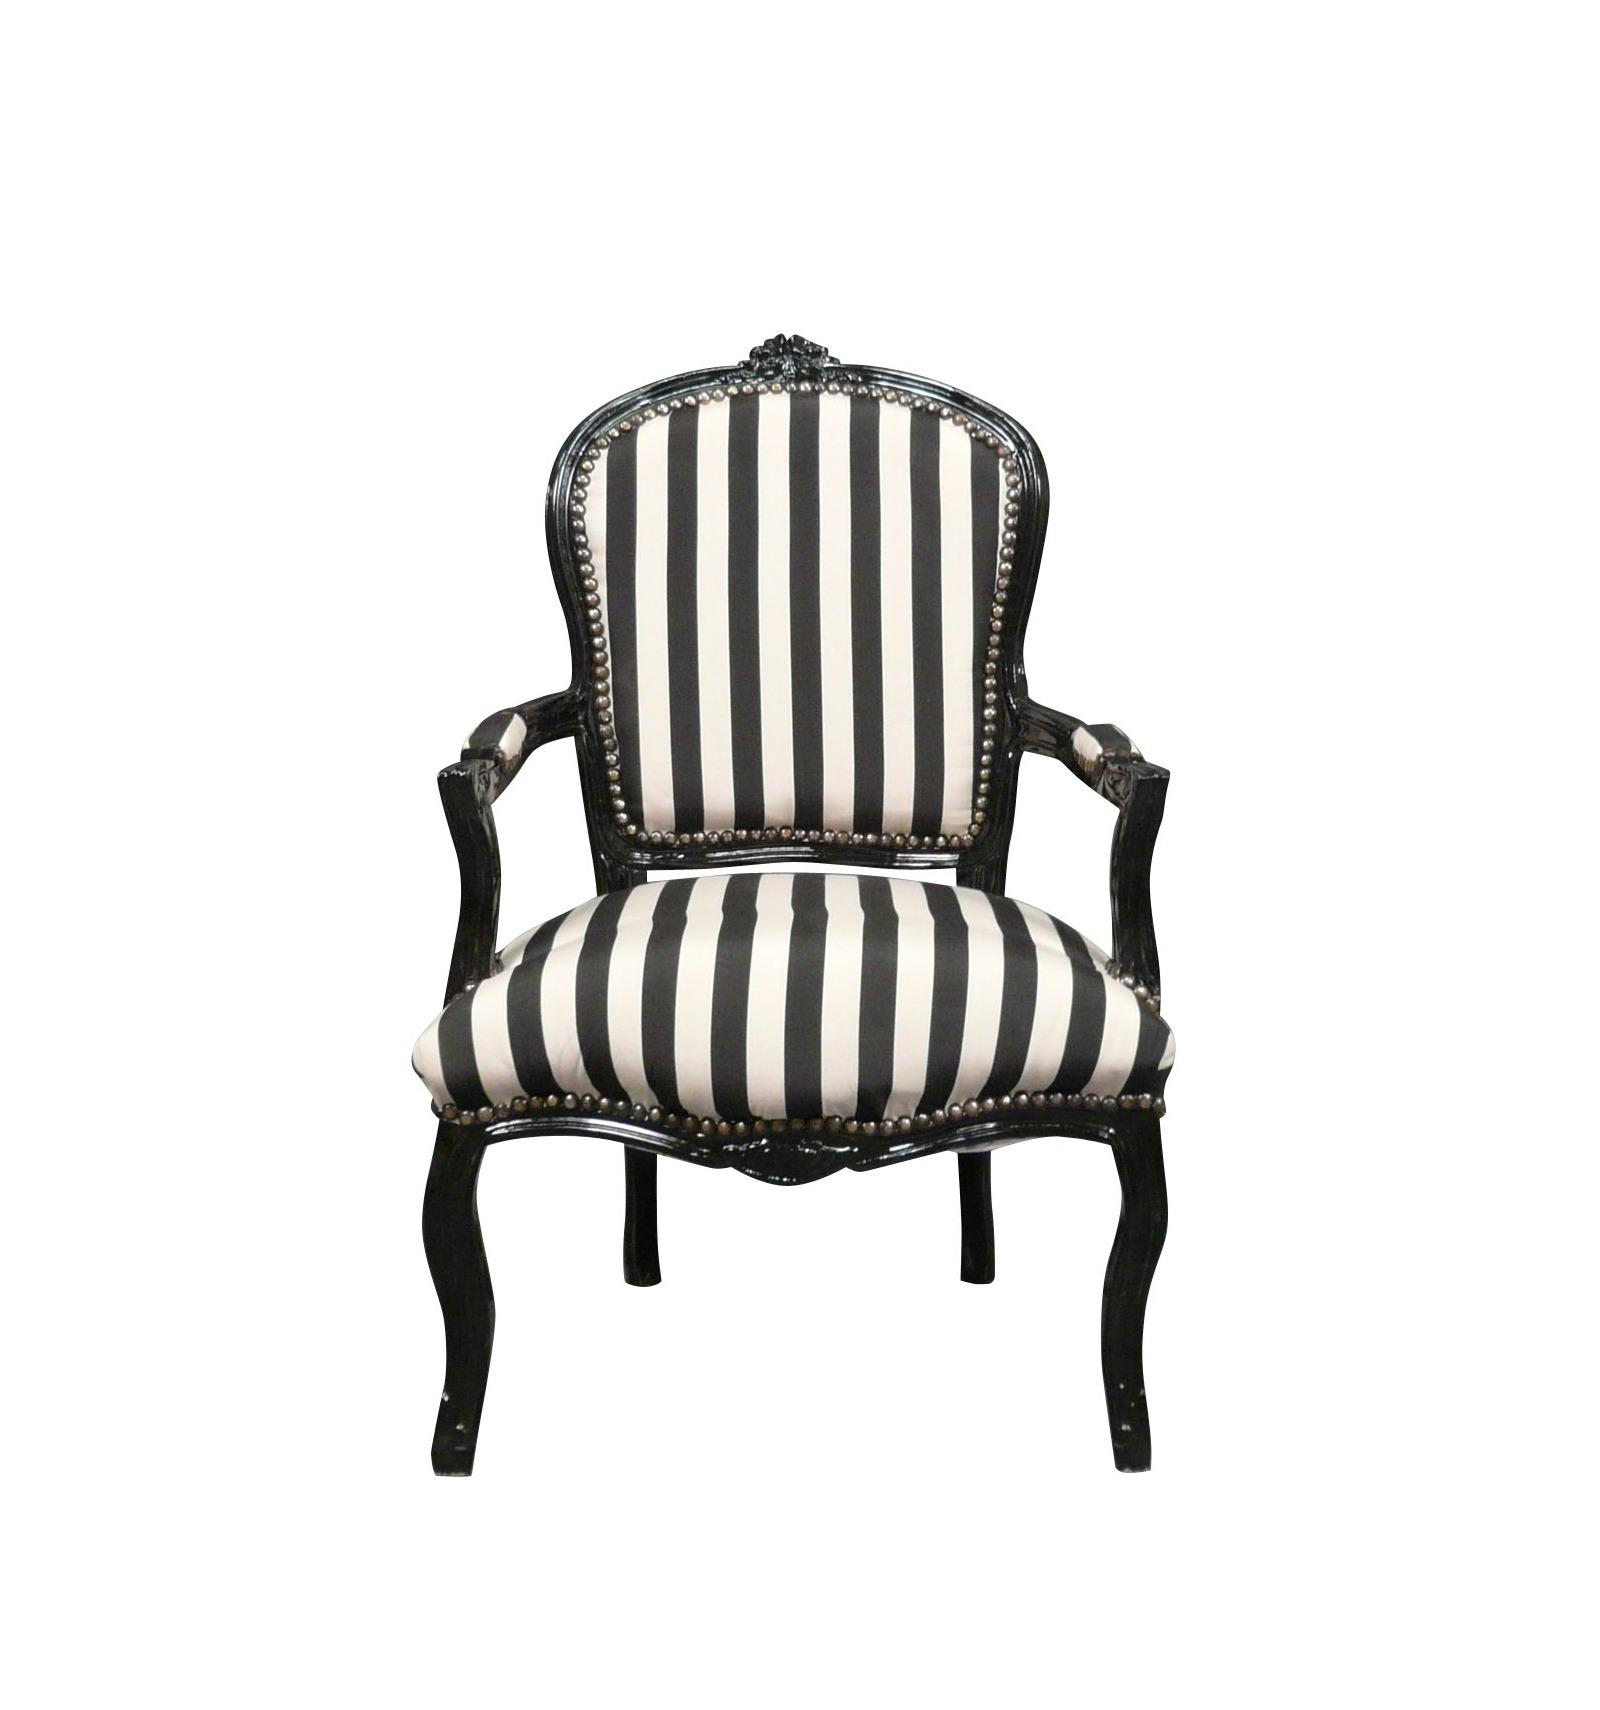 Chaise Salle A Manger Louis Xv fauteuil louis xv avec des rayures noires et blanches